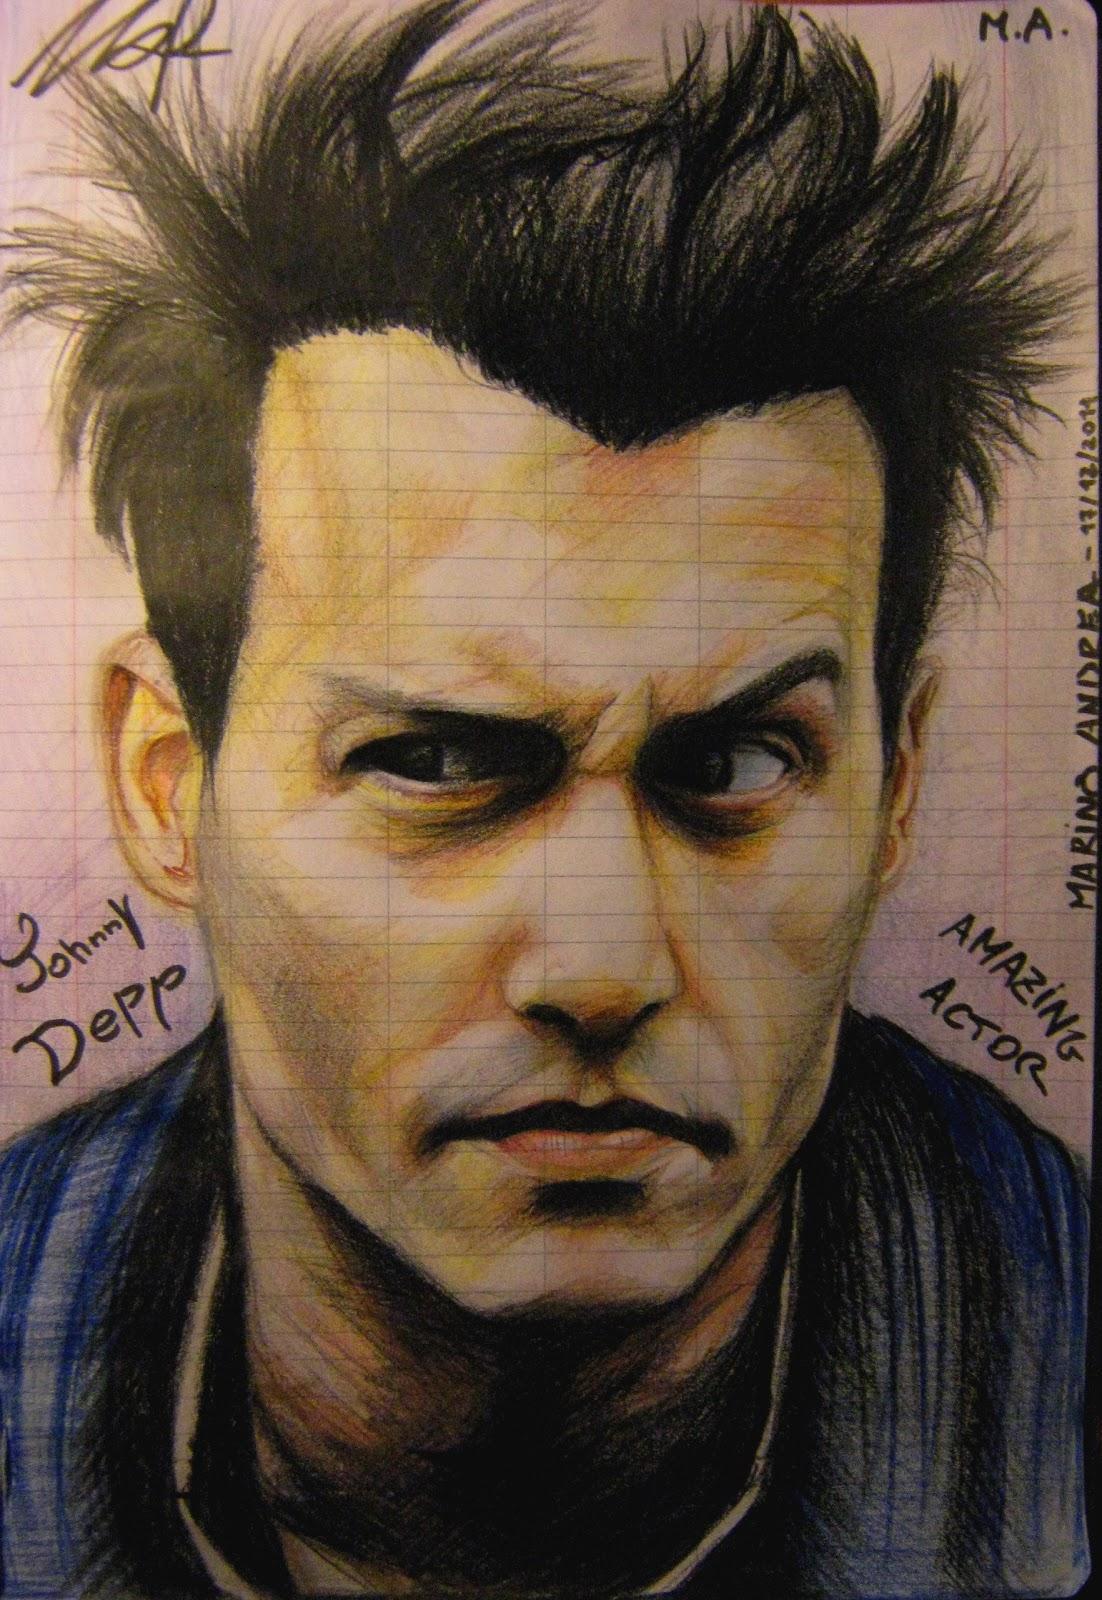 http://1.bp.blogspot.com/-IKZhp4WfB-E/T86cBbaNZ-I/AAAAAAAAAB4/x29kpZELZ-4/s1600/05-Johnny+Depp.JPG